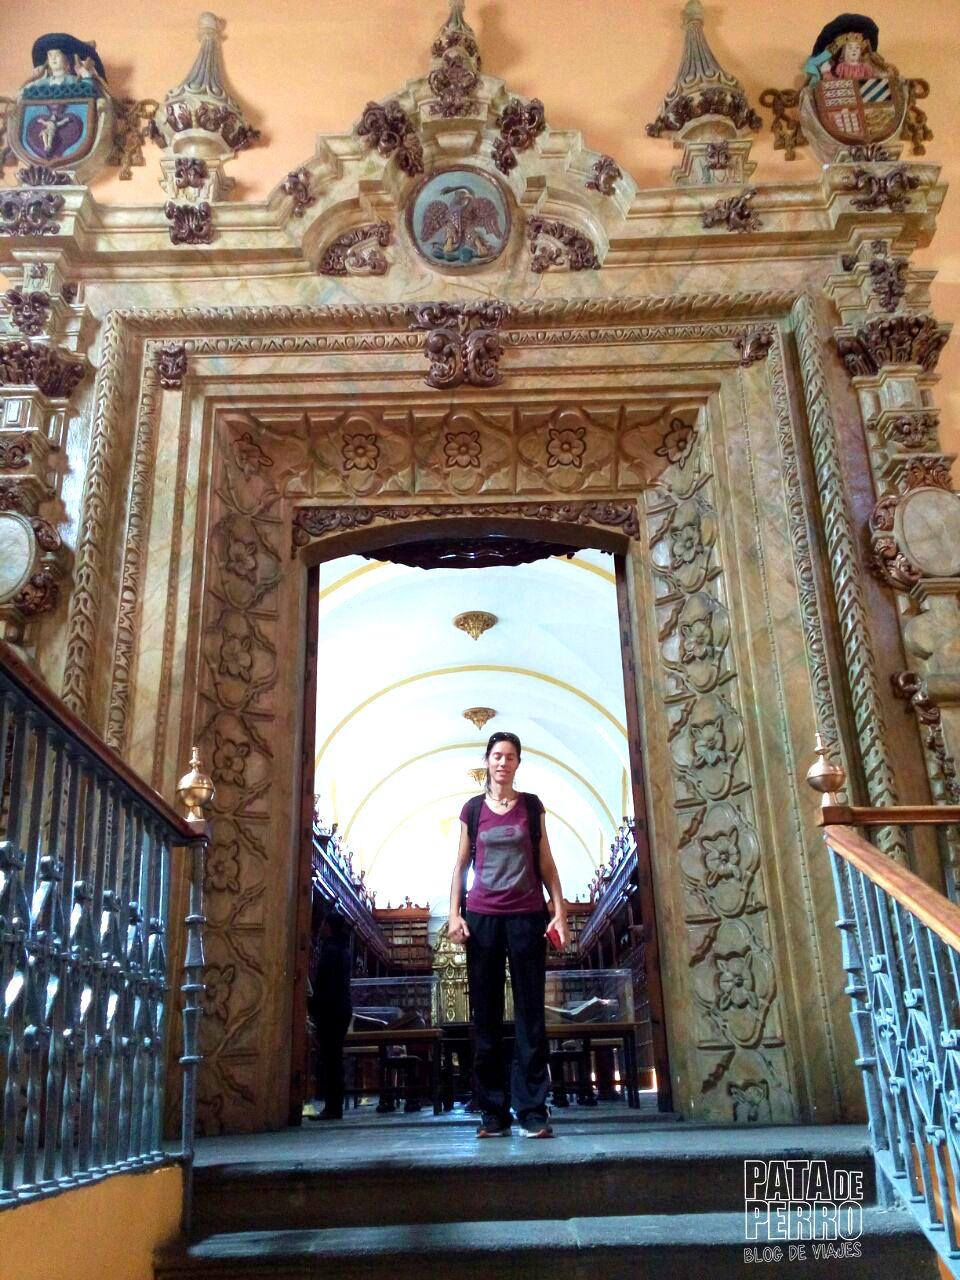 biblioteca-palafoxiana-la-primera-biblioteca-publica-de-america-pata-de-perro-blog-de-viajes-puebla-mexico-22